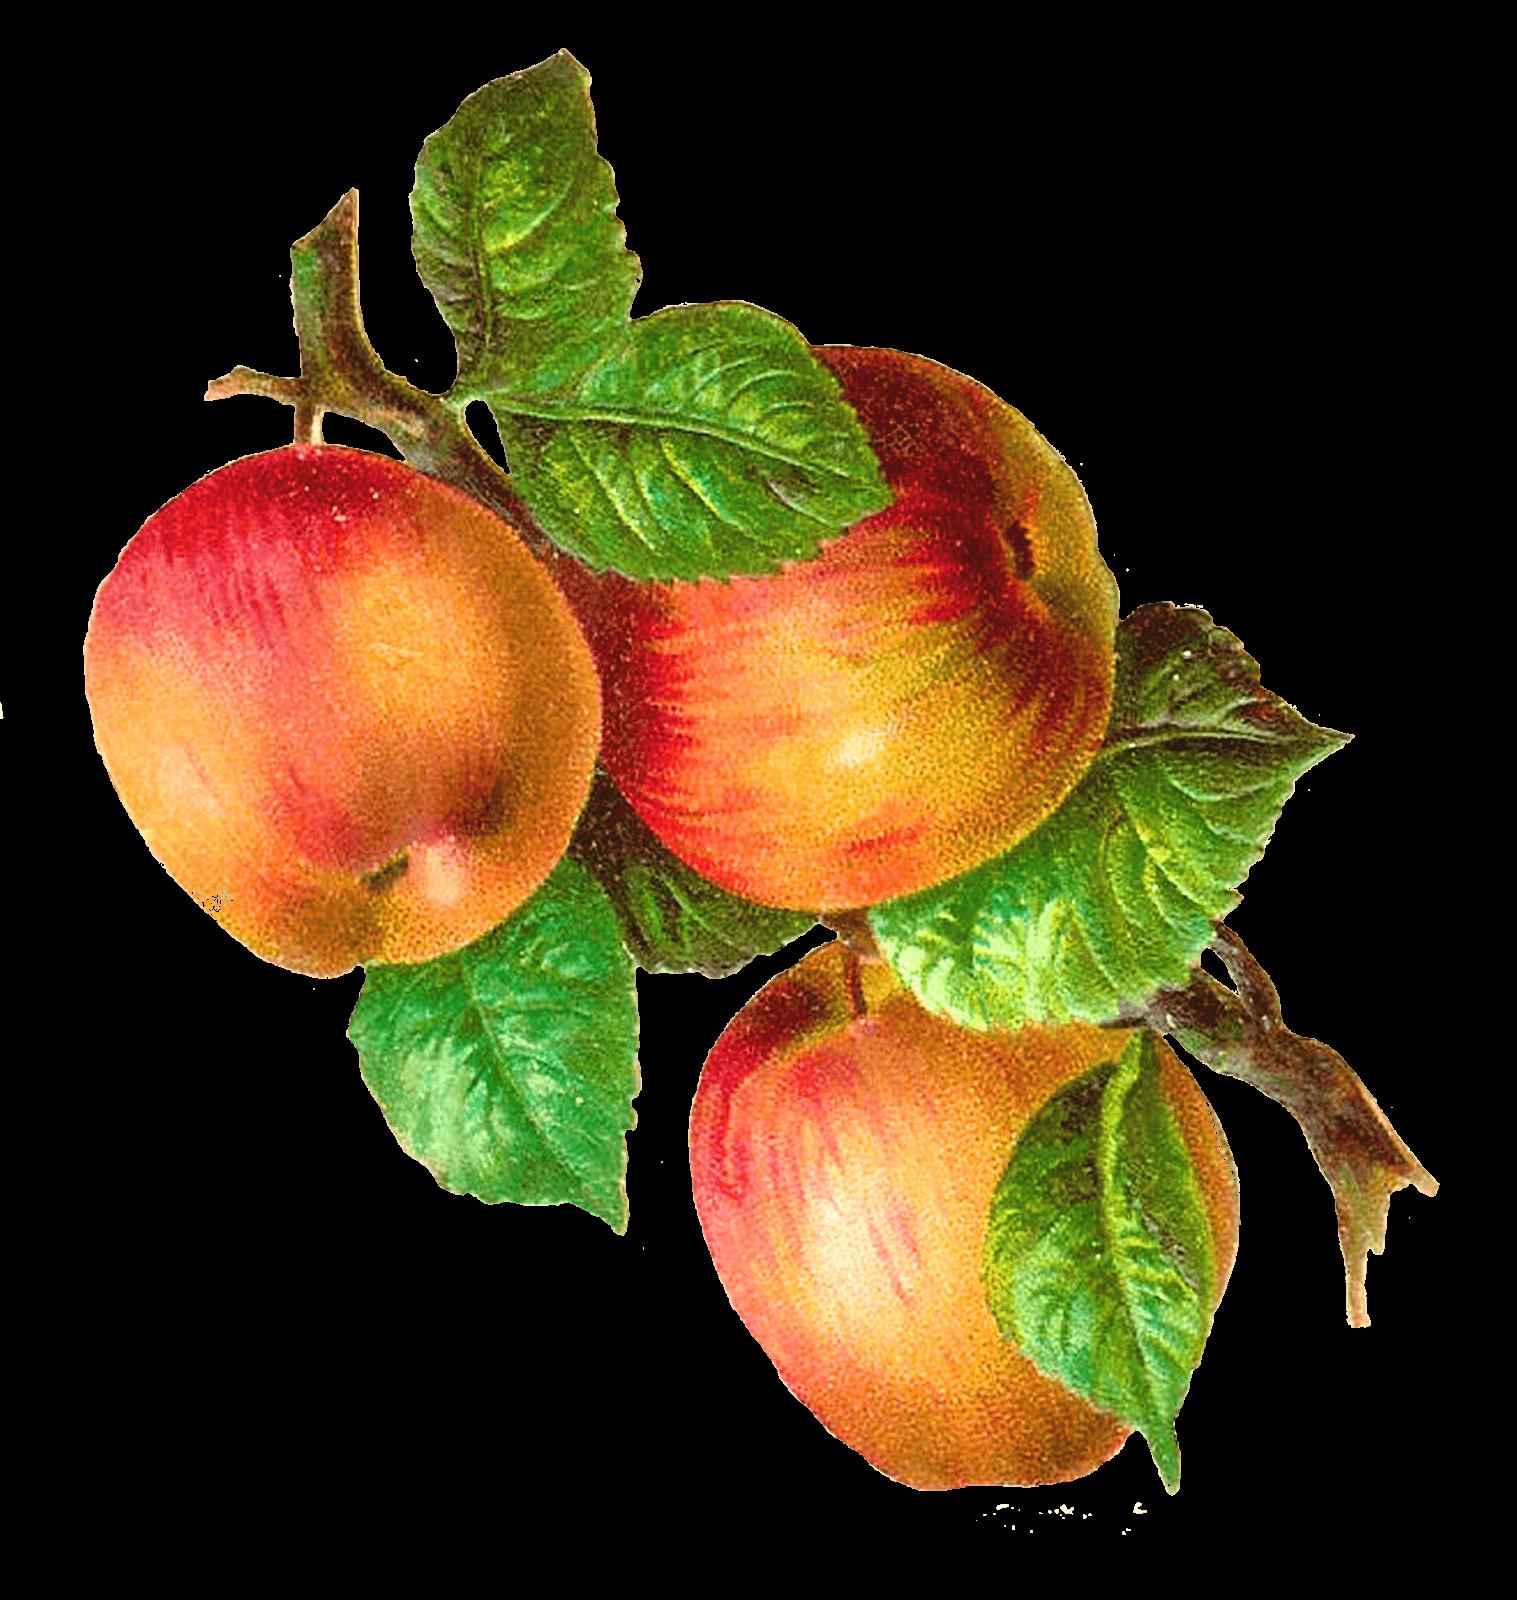 Apples On A Branch Vintage transparent PNG.